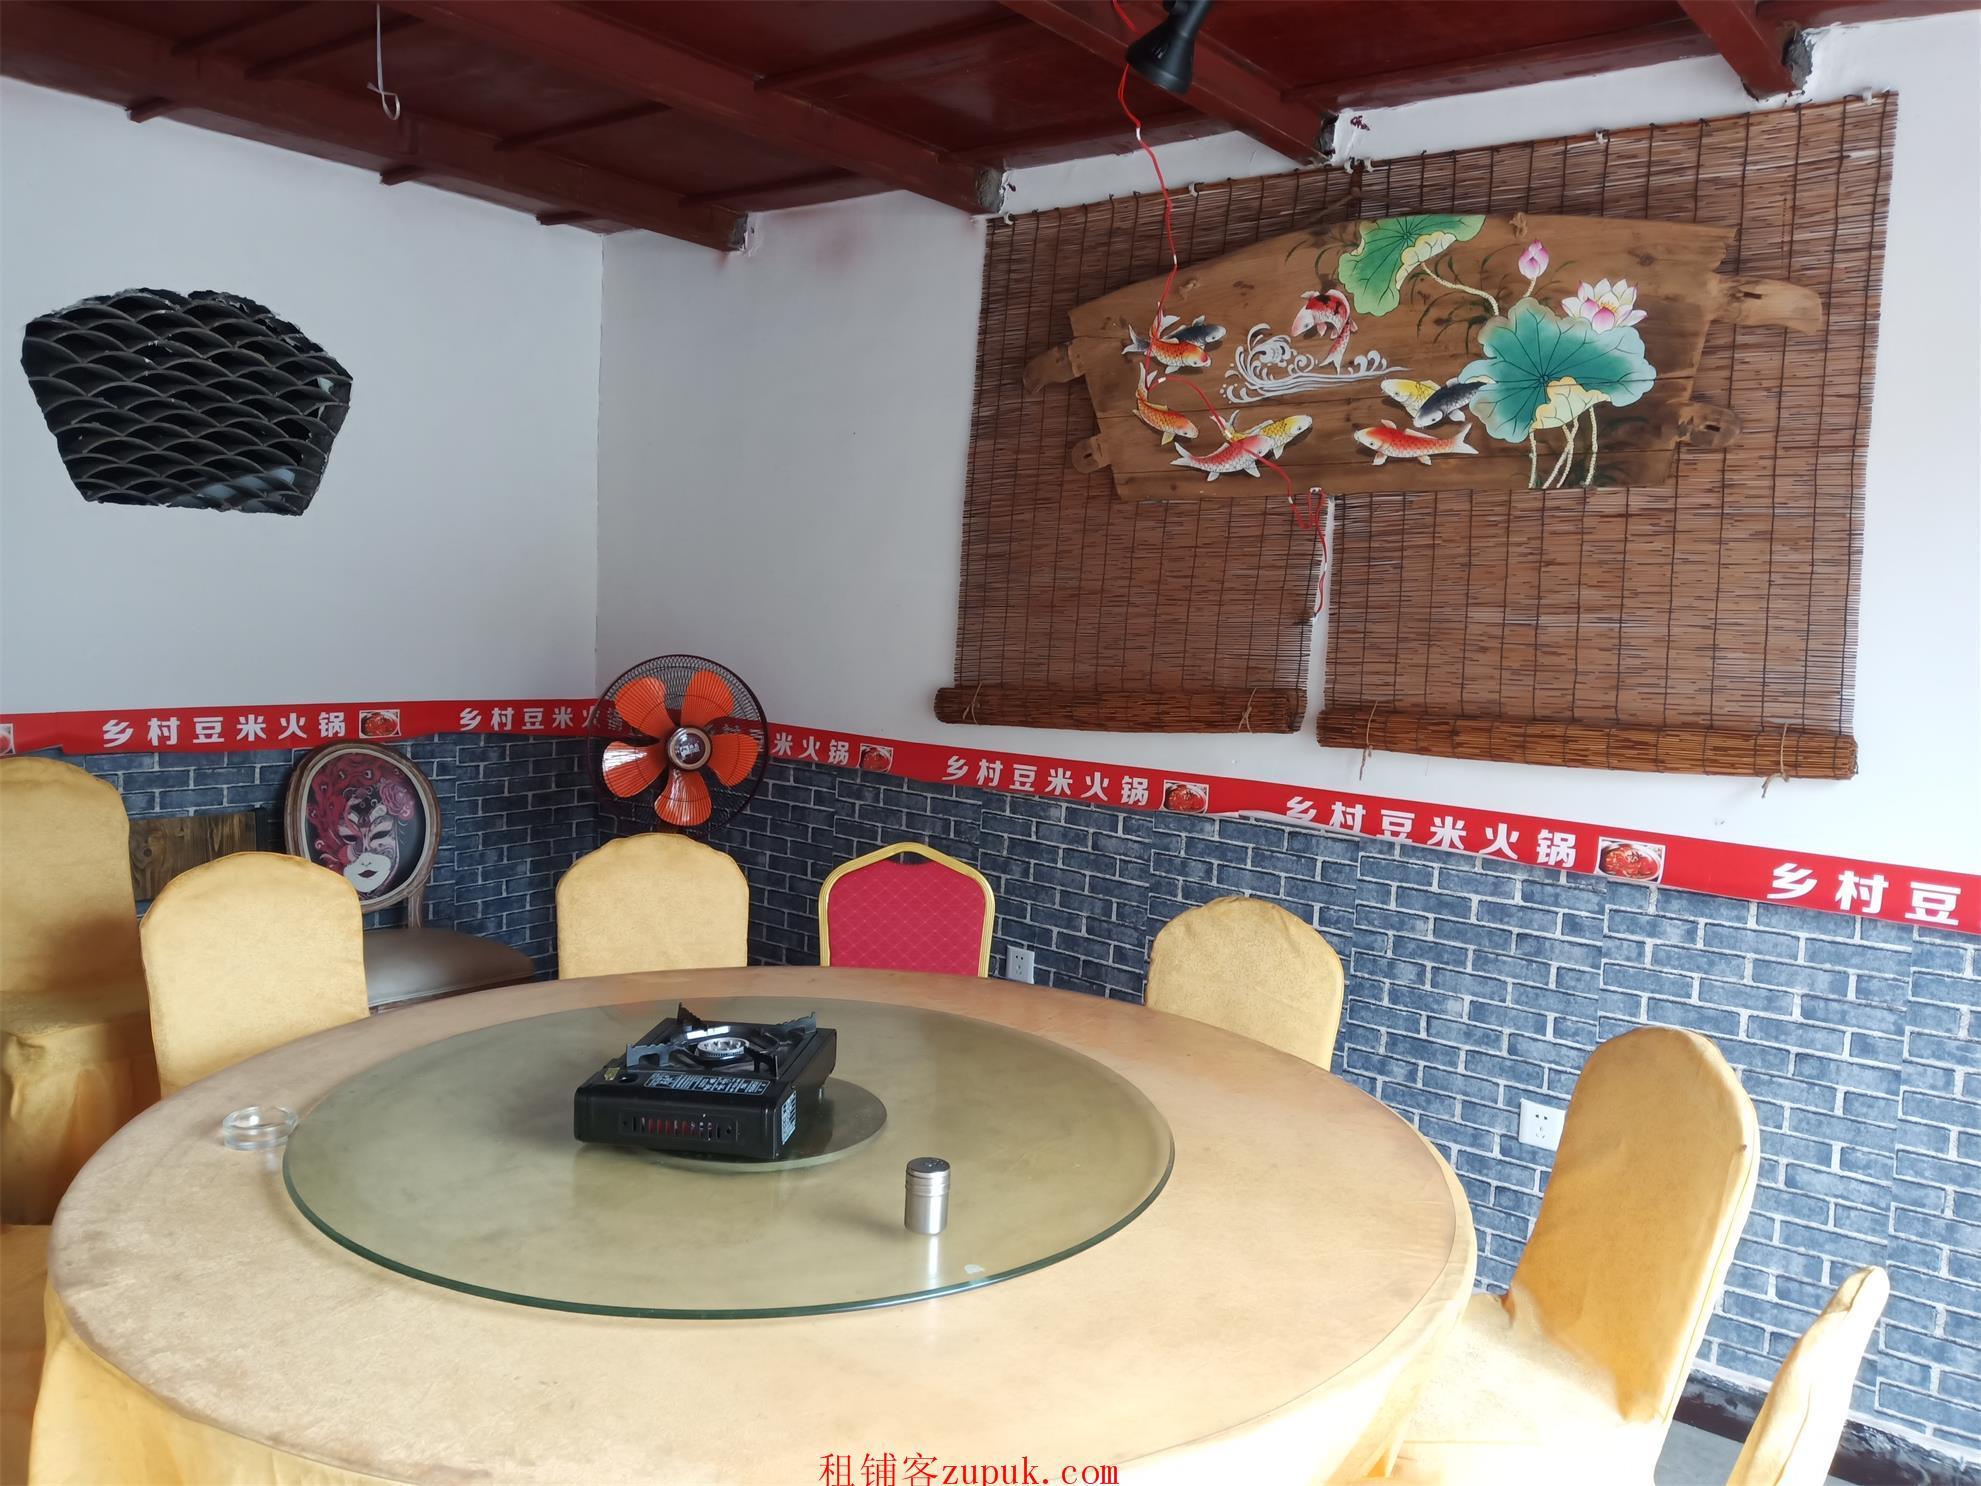 蓬莱仙界示范商家临街盈利餐馆转让